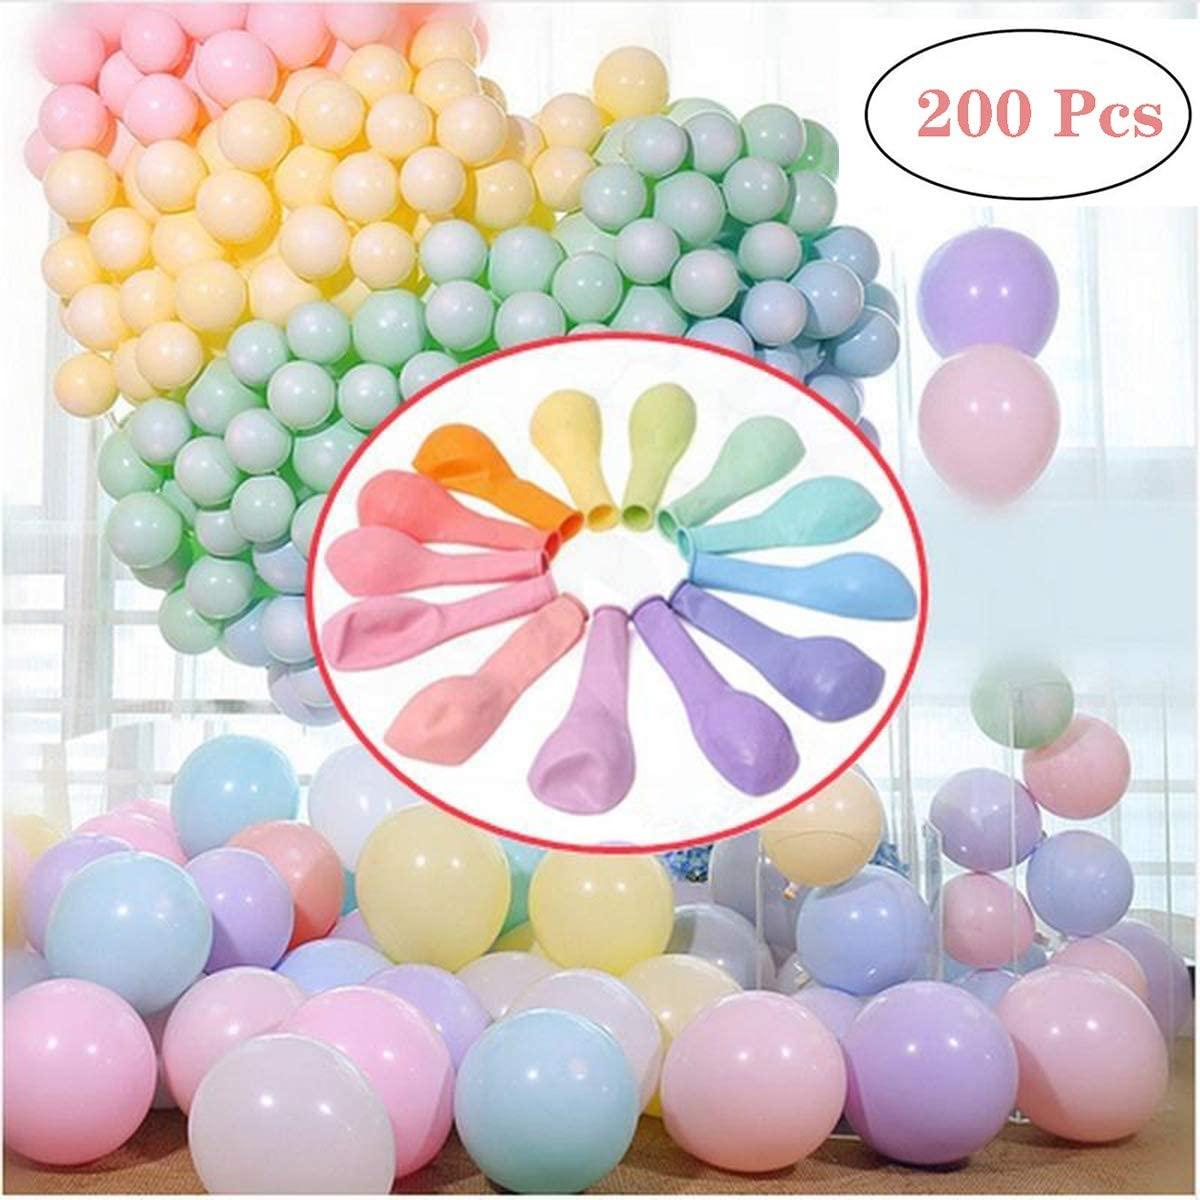 HaMoSena 200pcs Pastel Latex Balloons 10